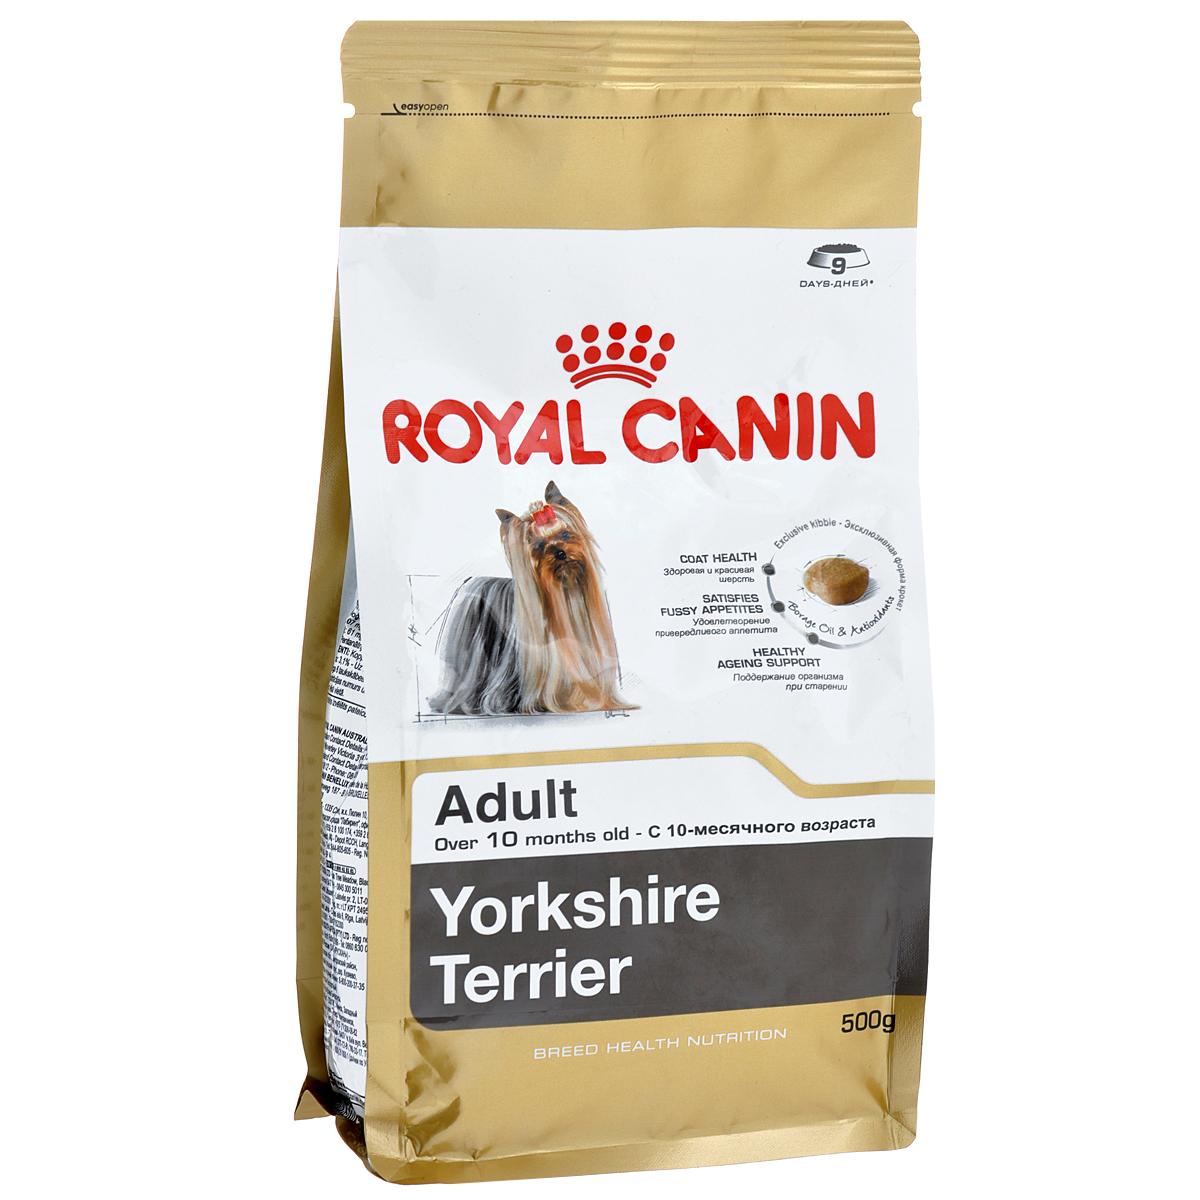 """Фото Корм сухой Royal Canin """"Yorkshire Terrier Adult"""", для собак породы йоркширский терьер в возрасте от 10 месяцев, 500 г. Купить  в РФ"""